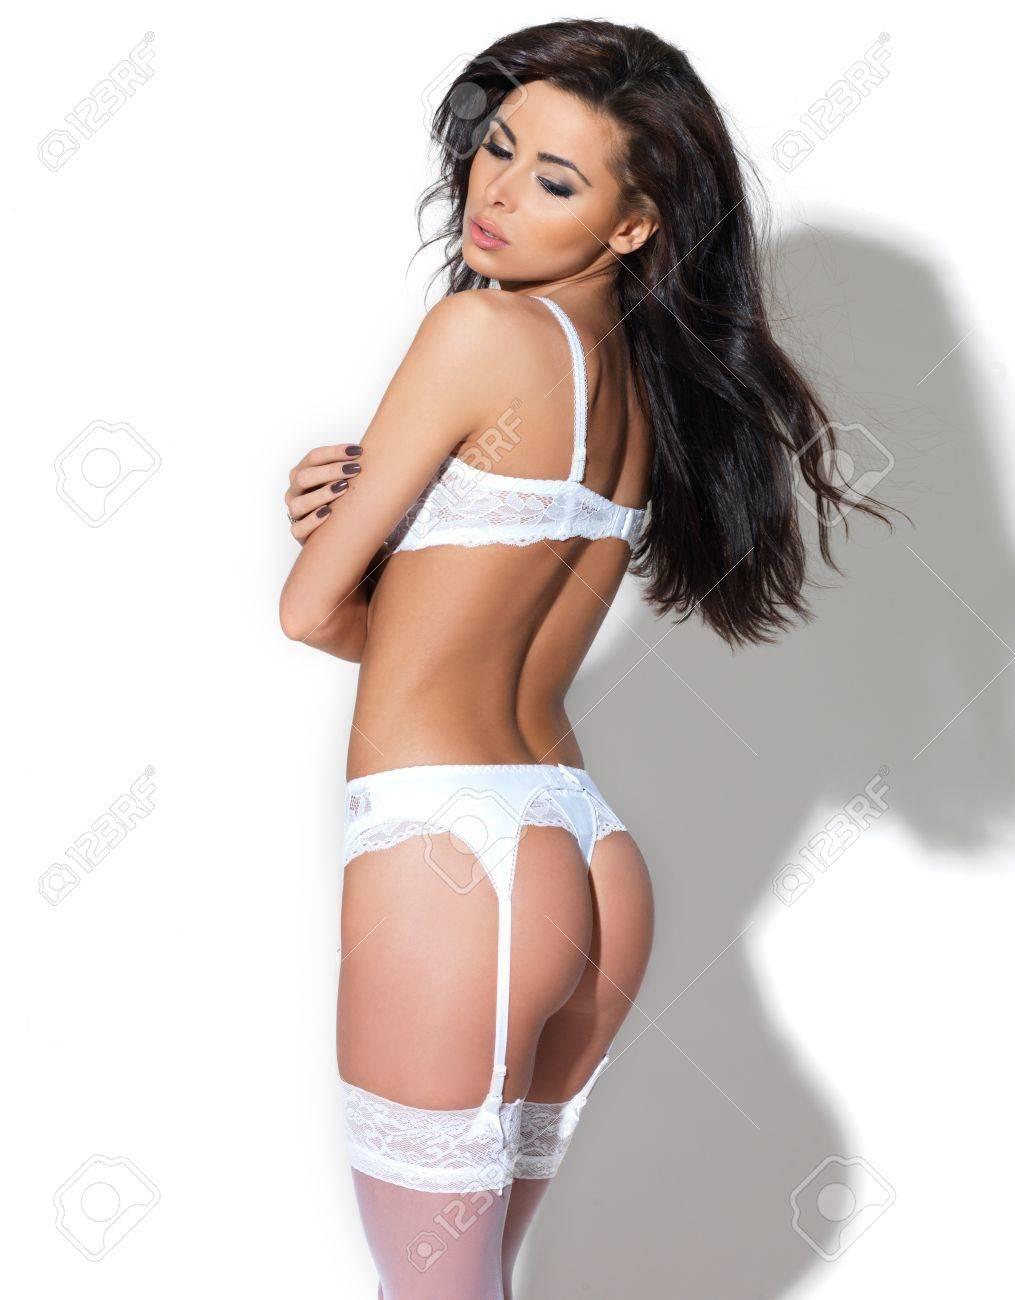 nuevo concepto 22ed9 a1b3f Hermosa novia en lencería blanca caminando en y posando